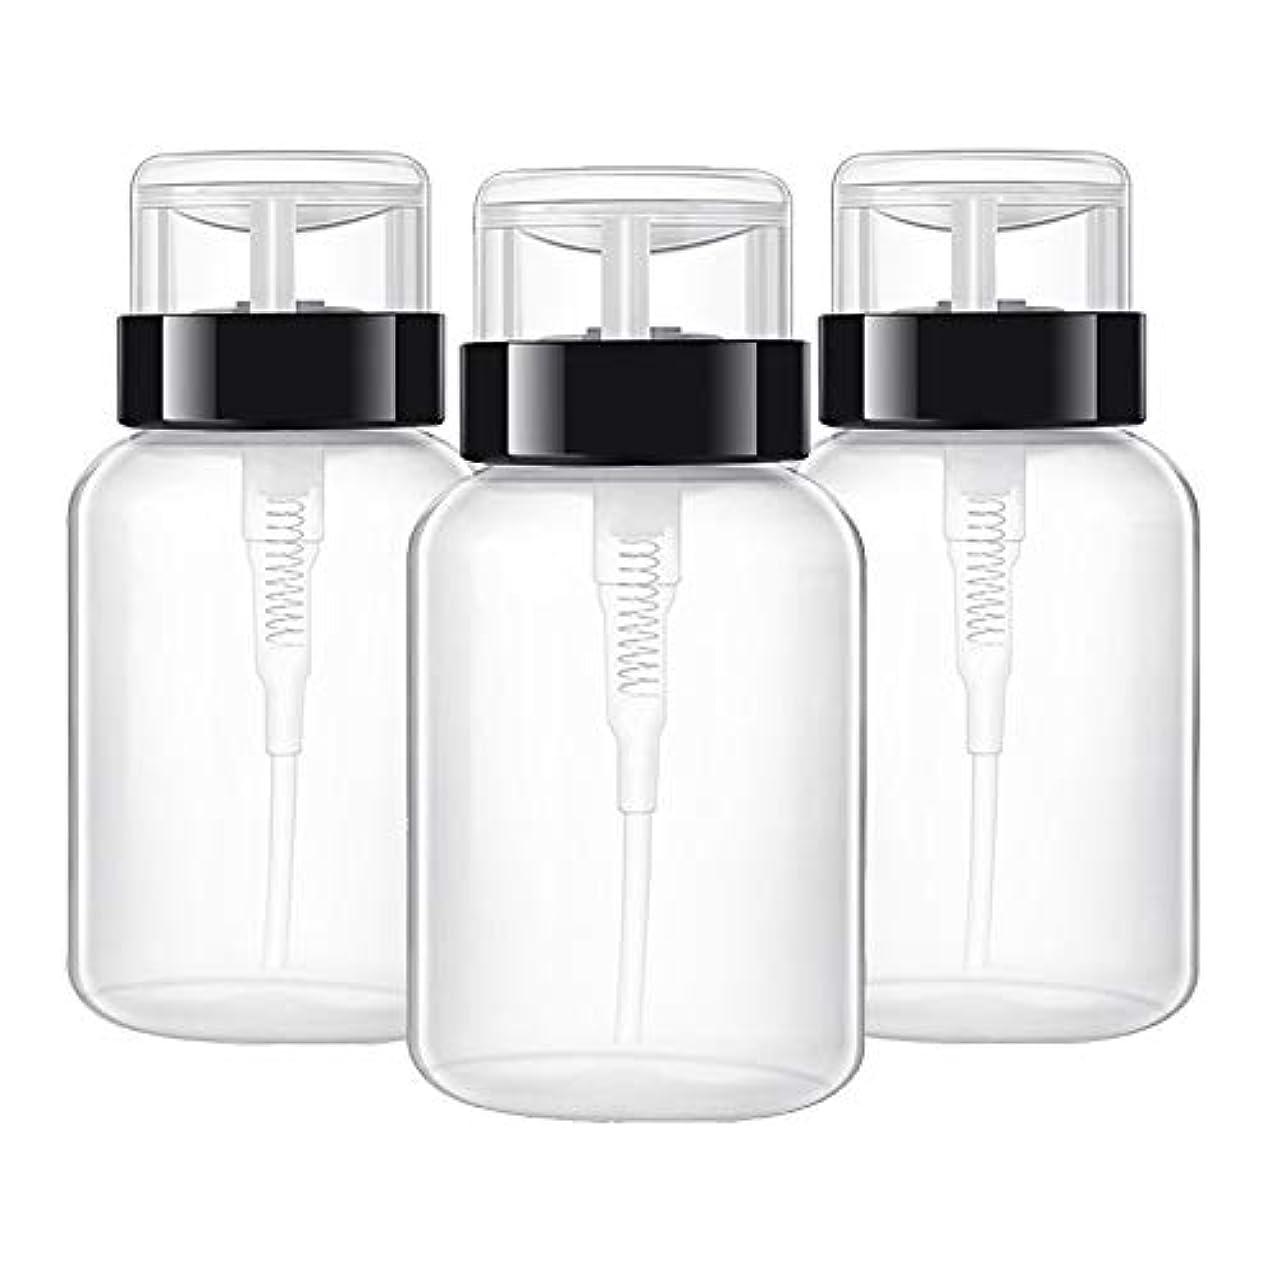 肯定的期待する味方マニキュアツールツール 空ポンプ ボトル ネイルクリーナーボトル ポンプディスペンサー ジェルクリーナー 200ミリリットル 3ピース